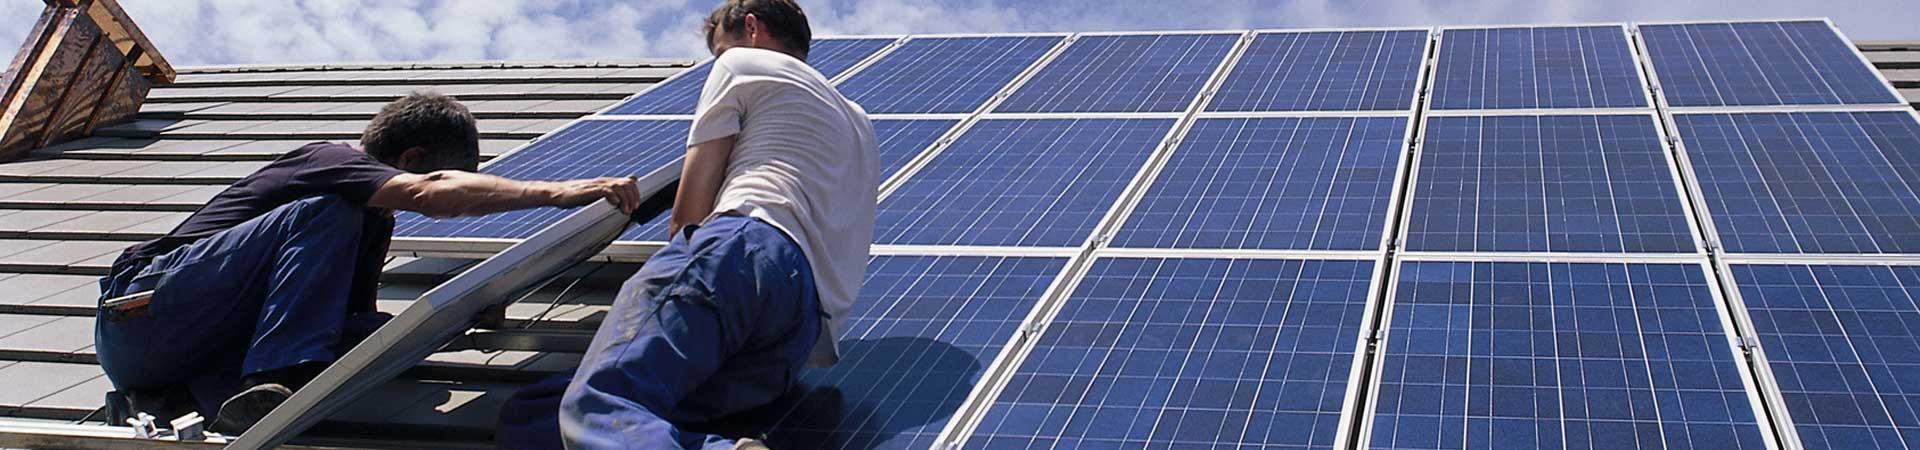 Fourniture d'énergie, solaire